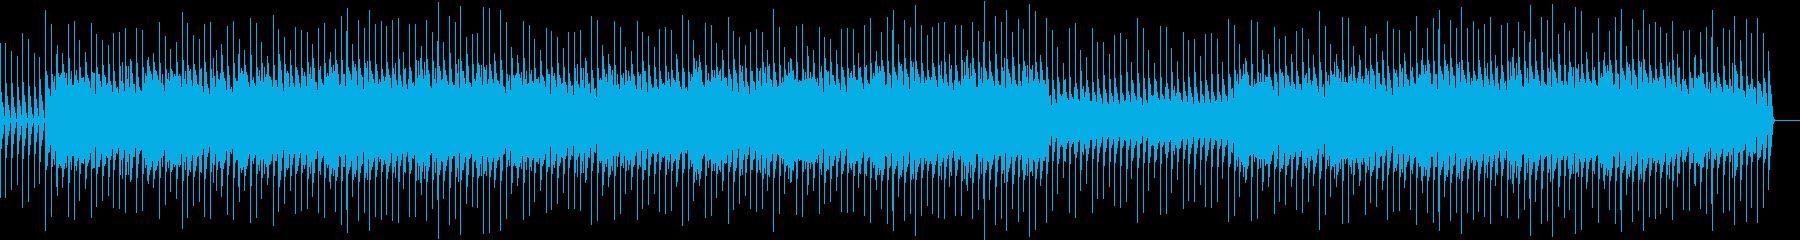 ジャングリーロックの歌は、アンビエ...の再生済みの波形